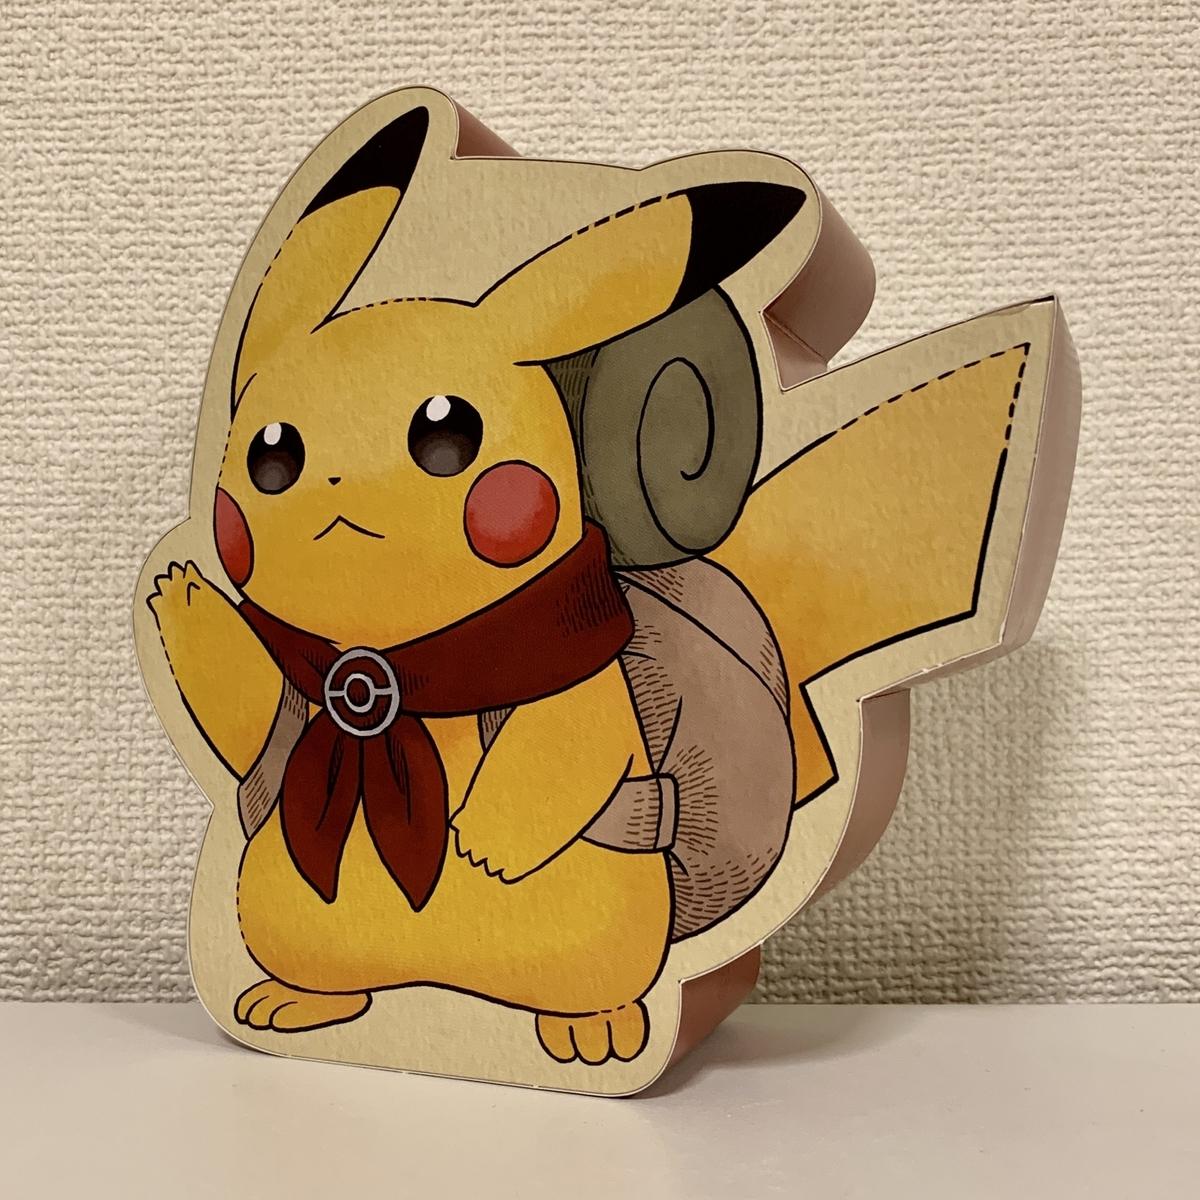 f:id:pikachu_pcn:20200723205149j:plain